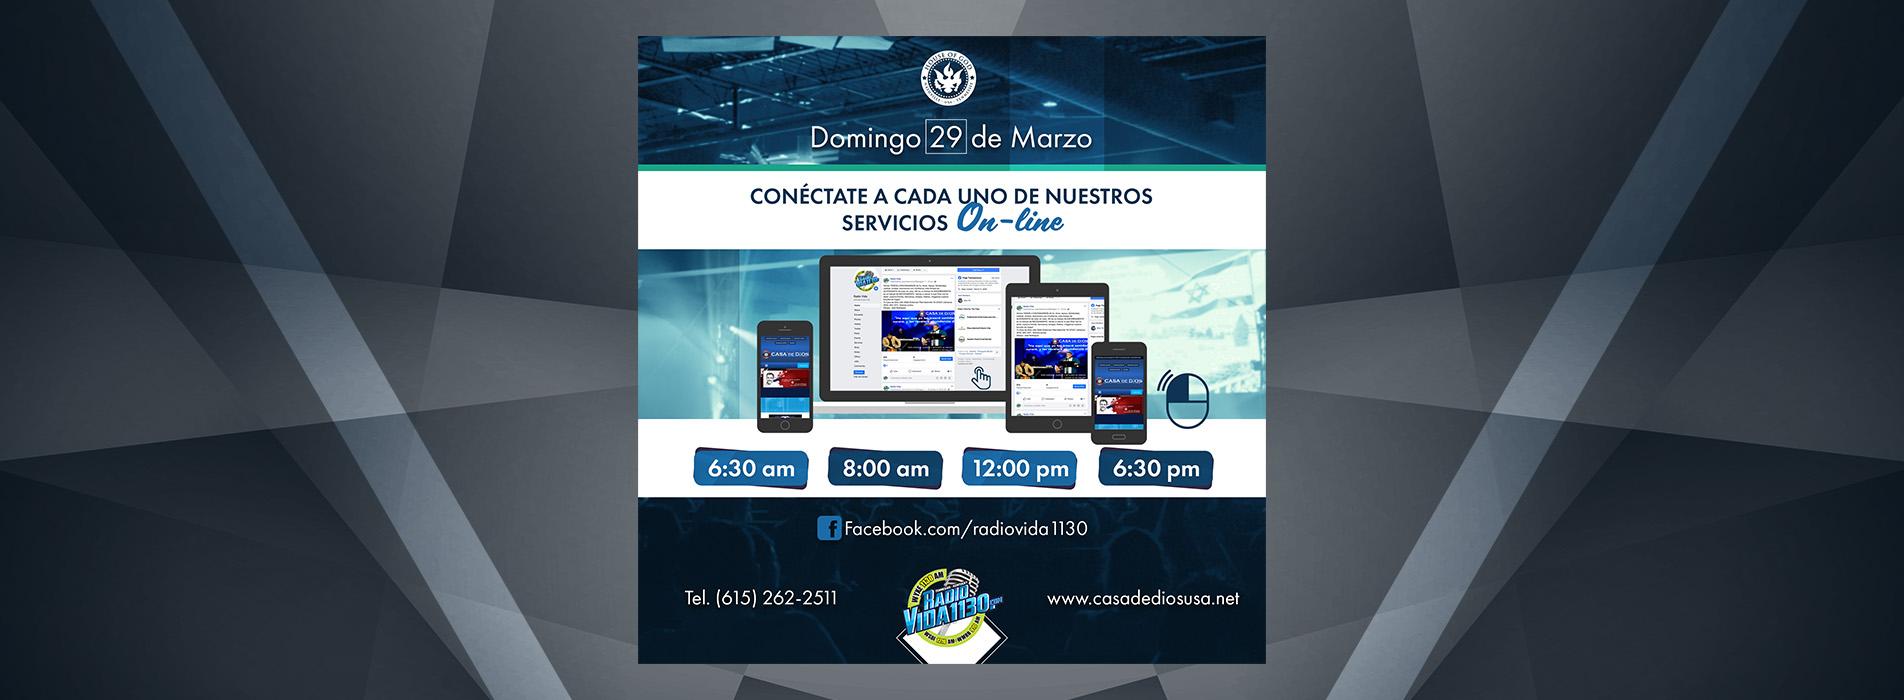 Slider-Servicio-Online-Domingo-29-de-marzo